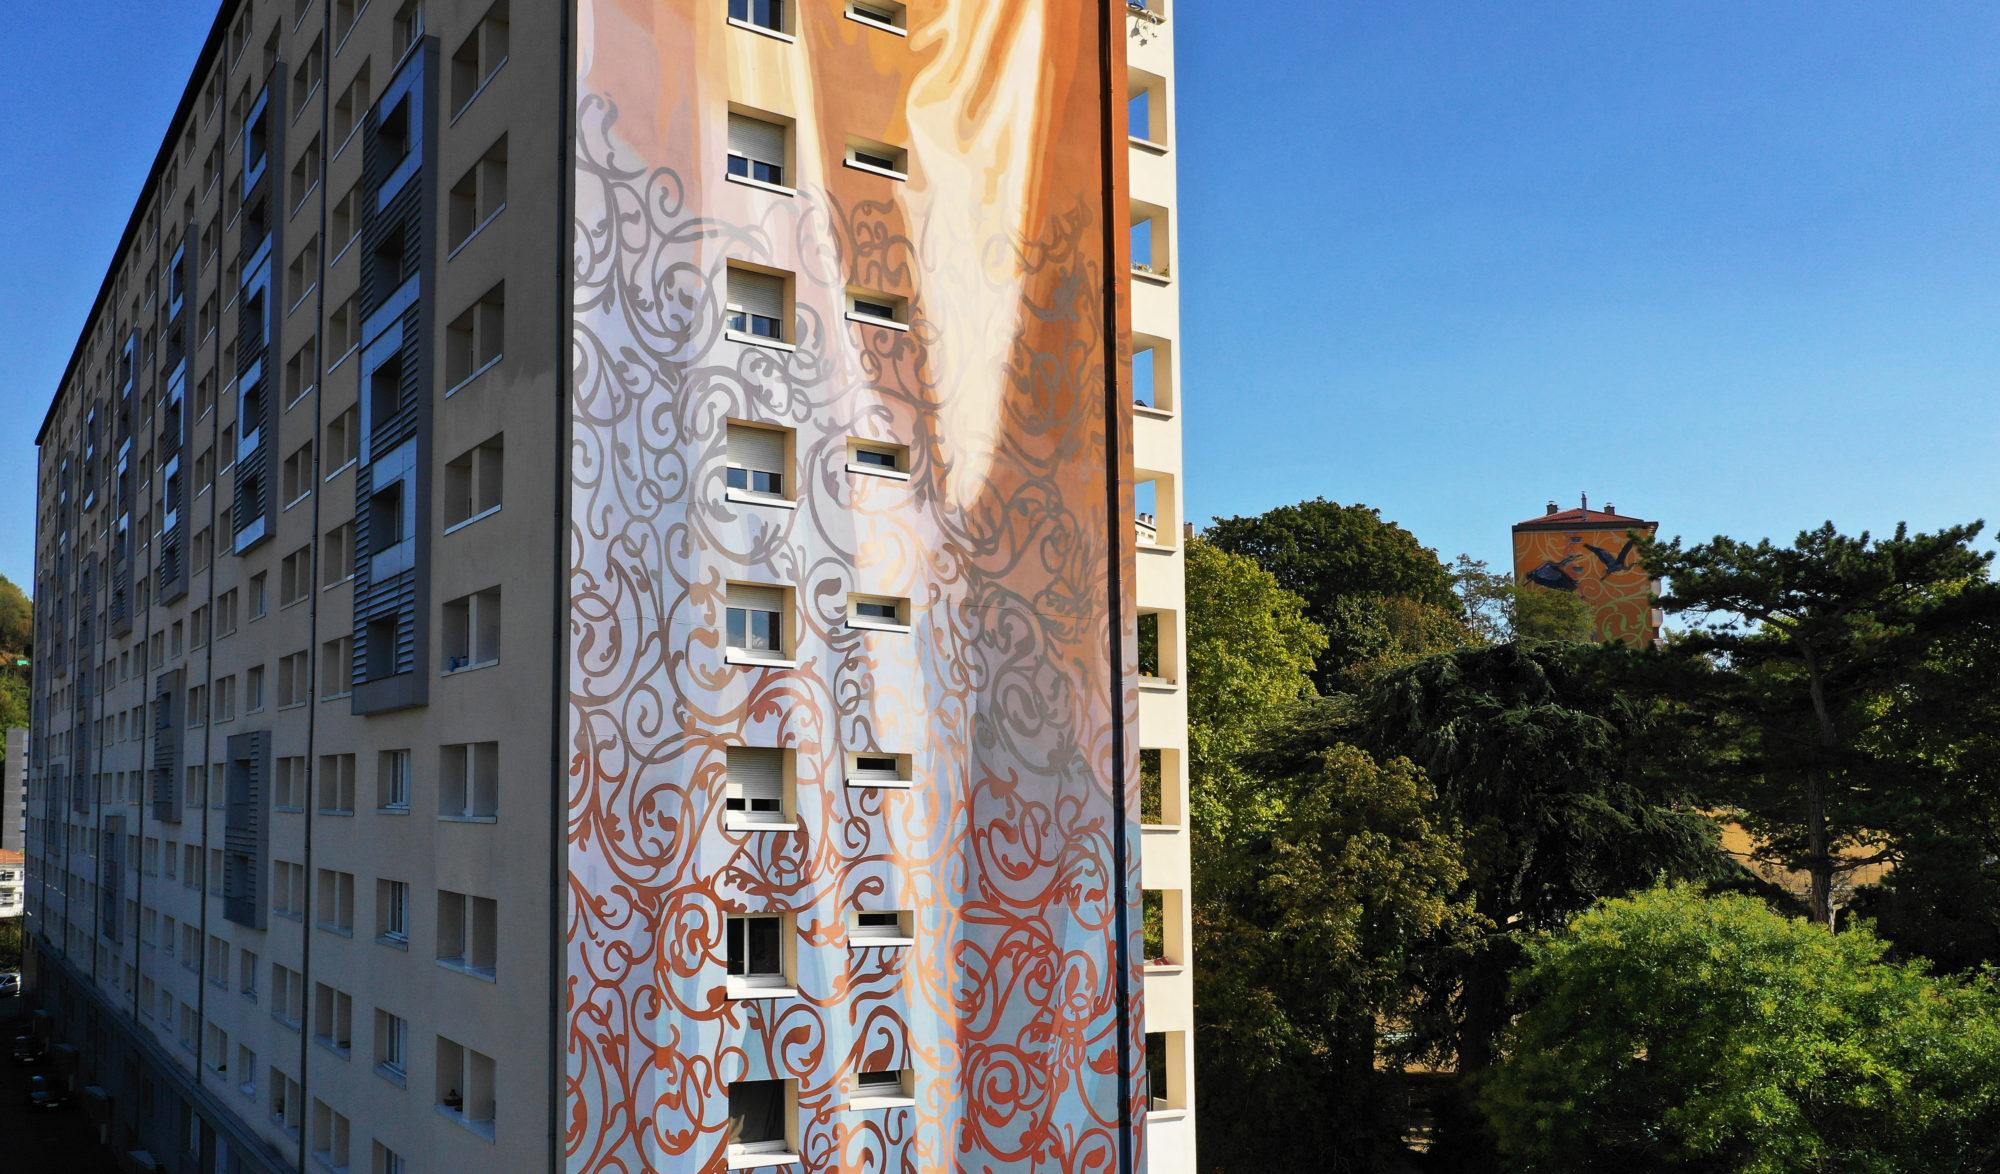 Peindre Une Fresque Sur Un Mur citécréation - design mural monumental et fresque murale